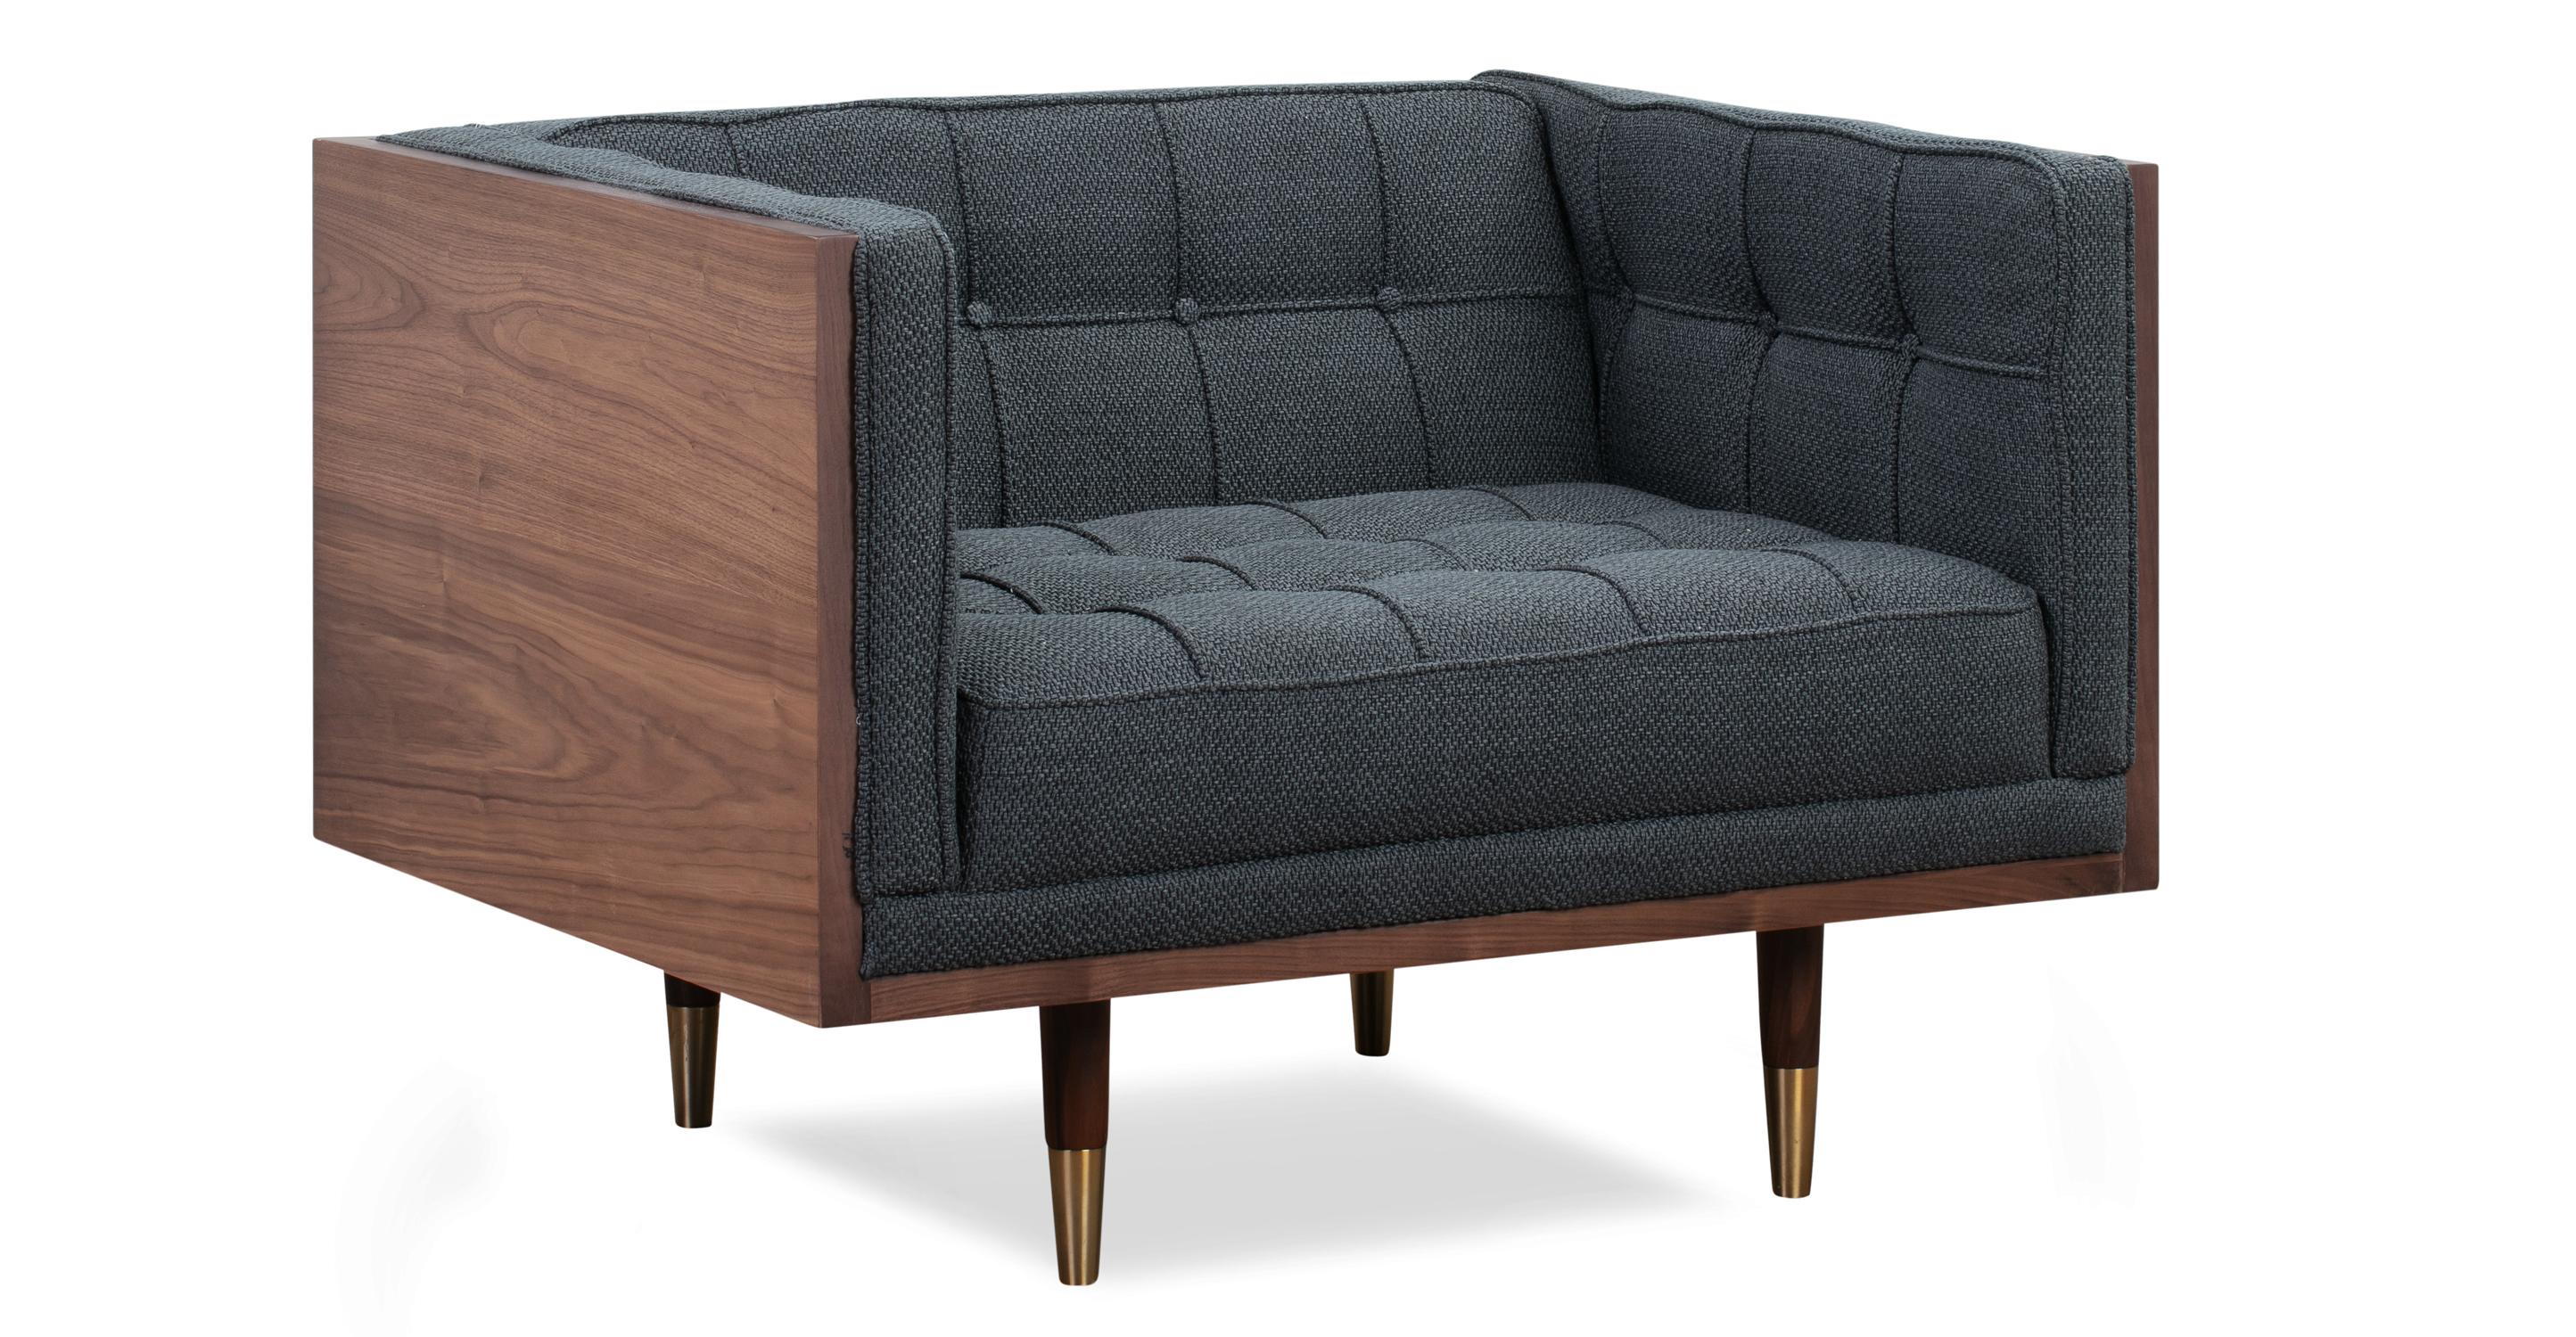 Woodrow Box Fabric Chair, Walnut/Niemeyer